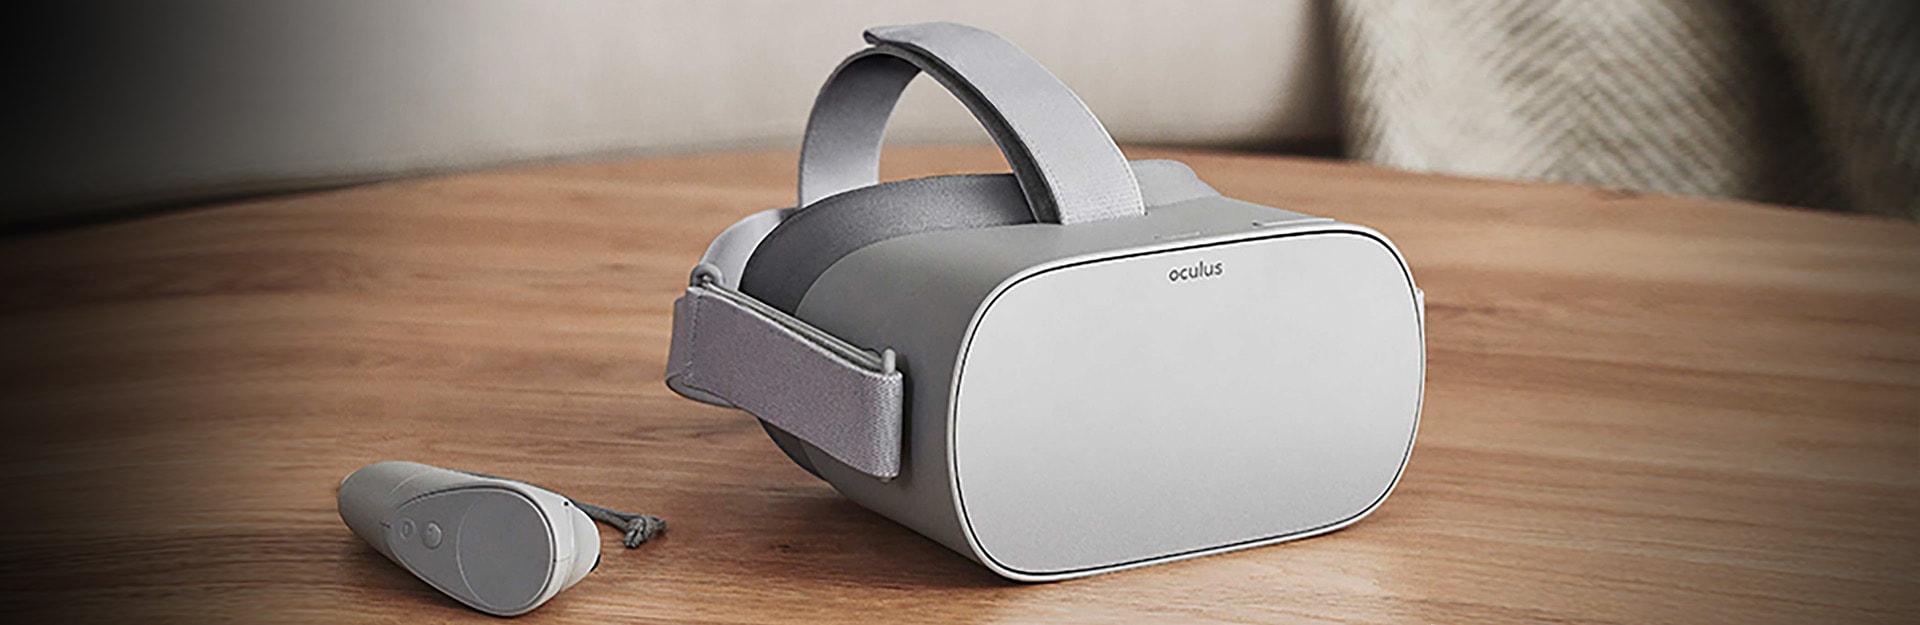 alquiler oculus go1 - Qué son las Oculus GO